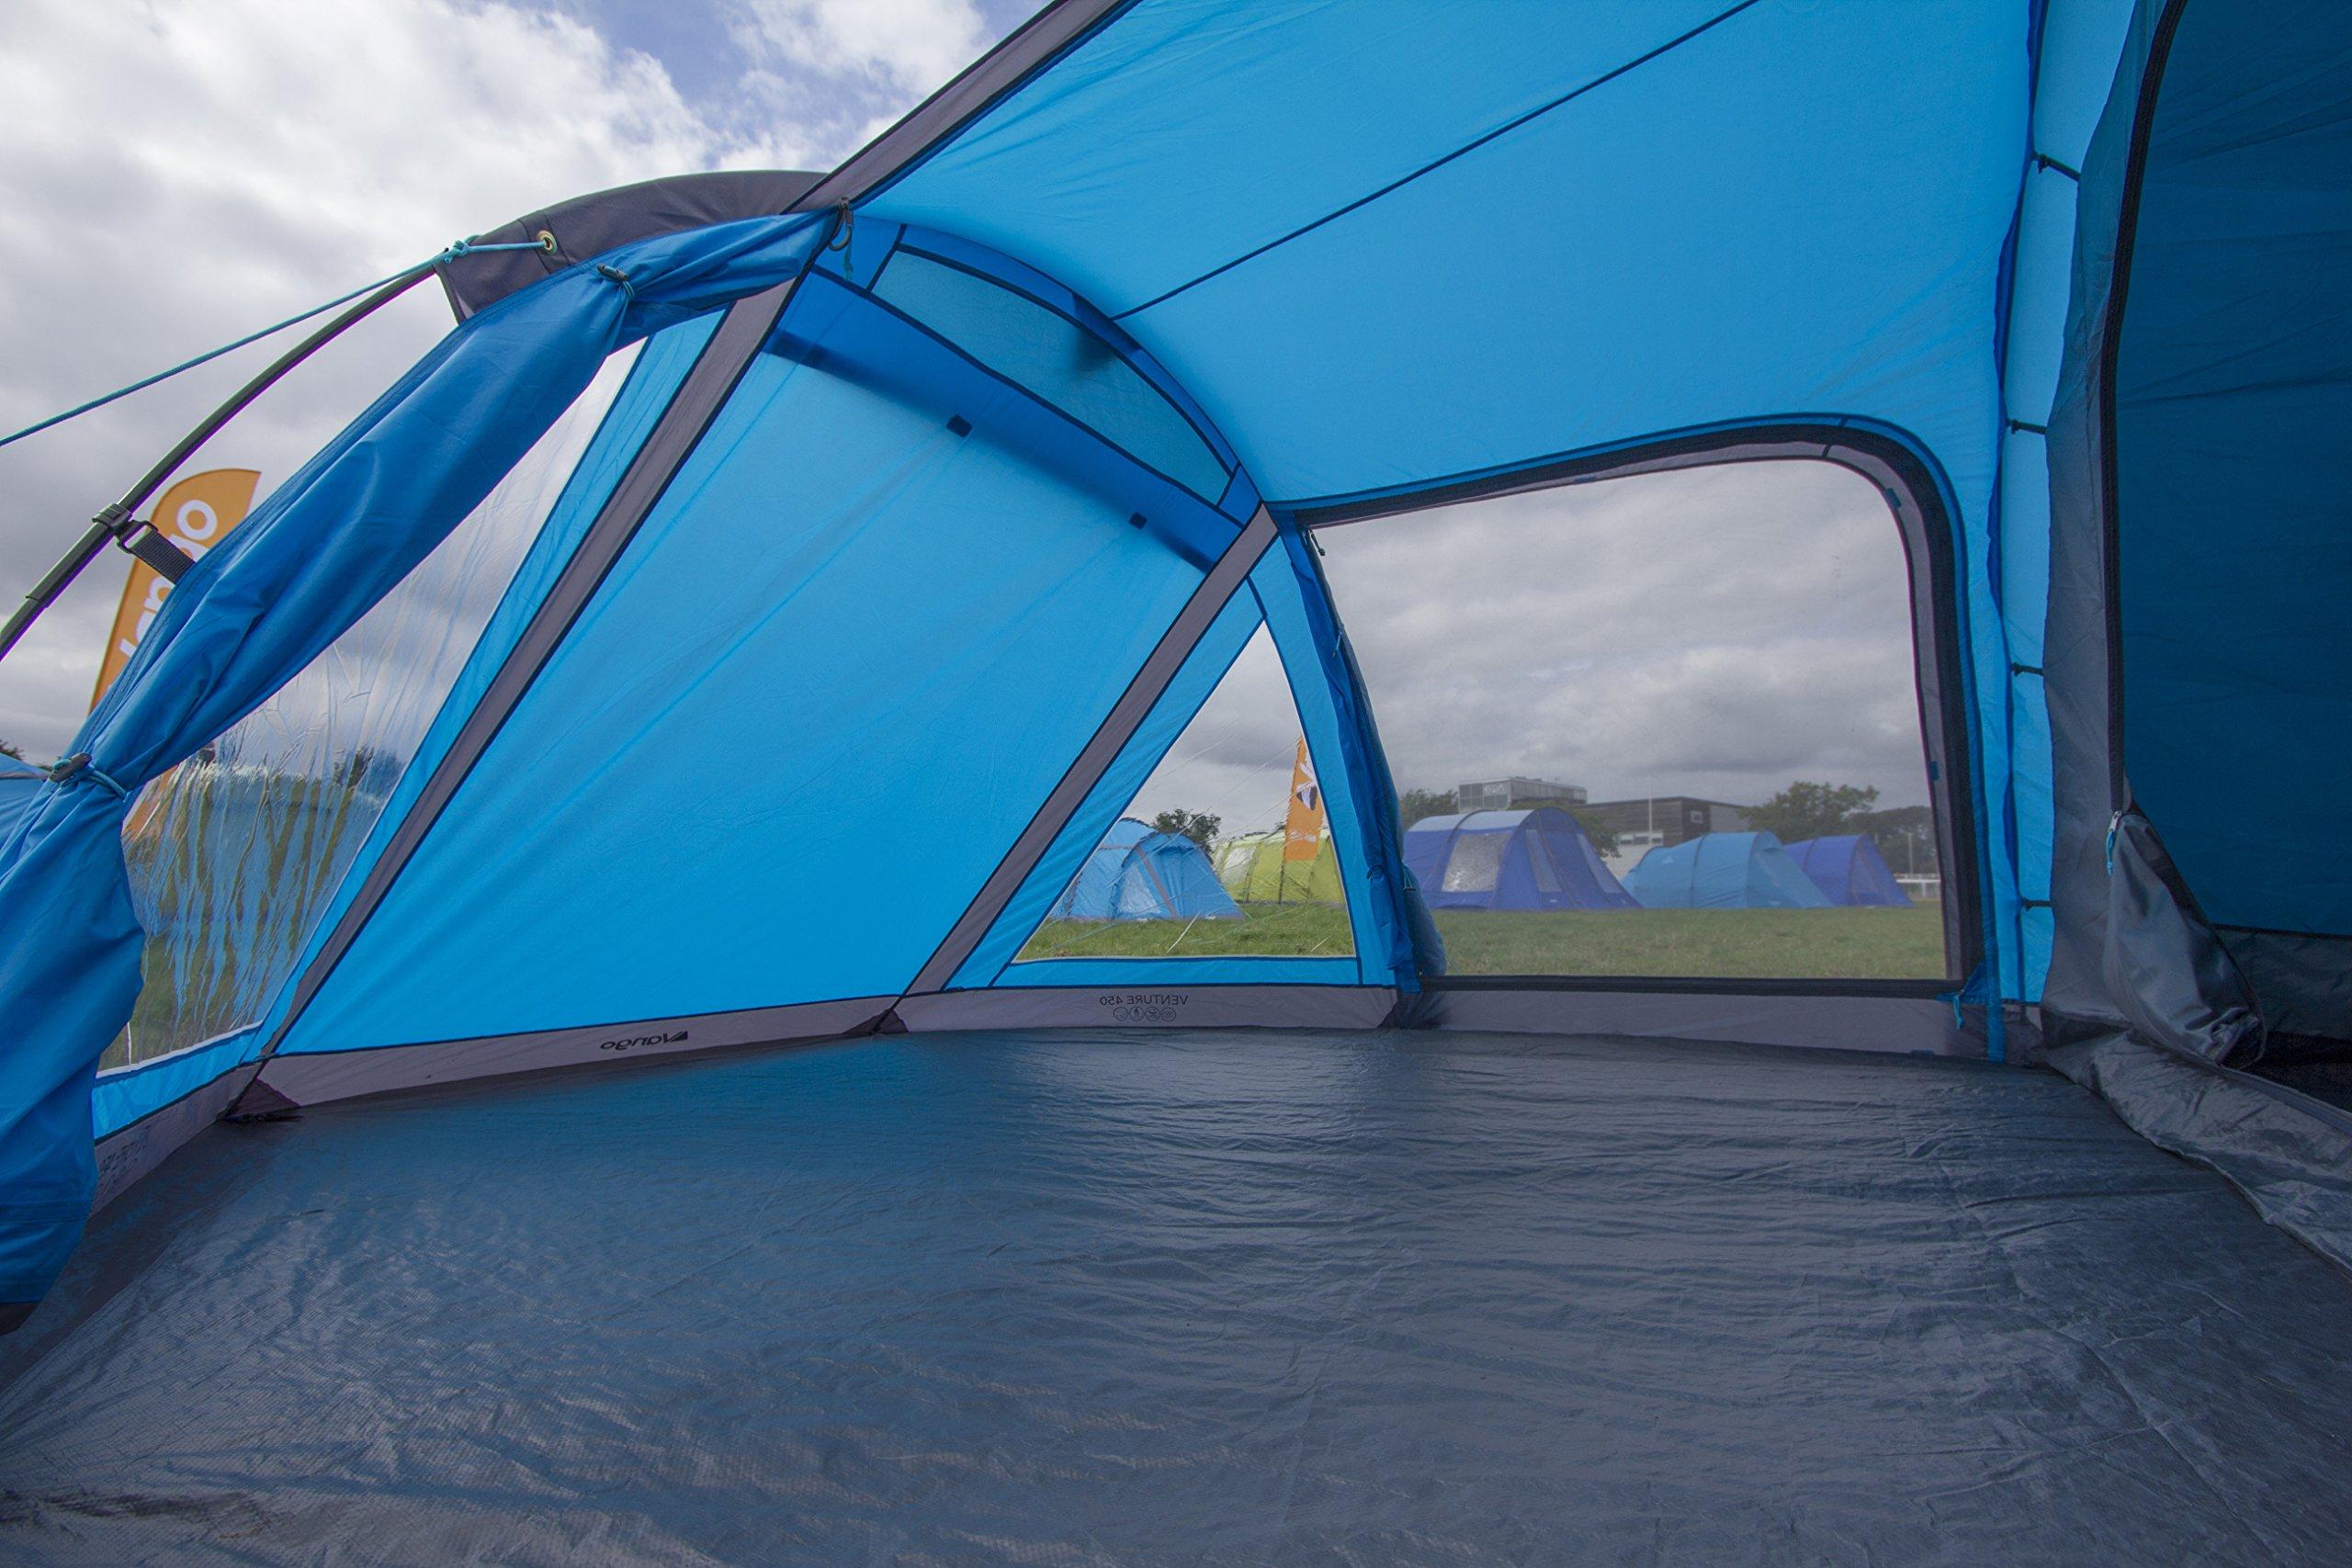 Vango Venture 450 Tunnel Tent